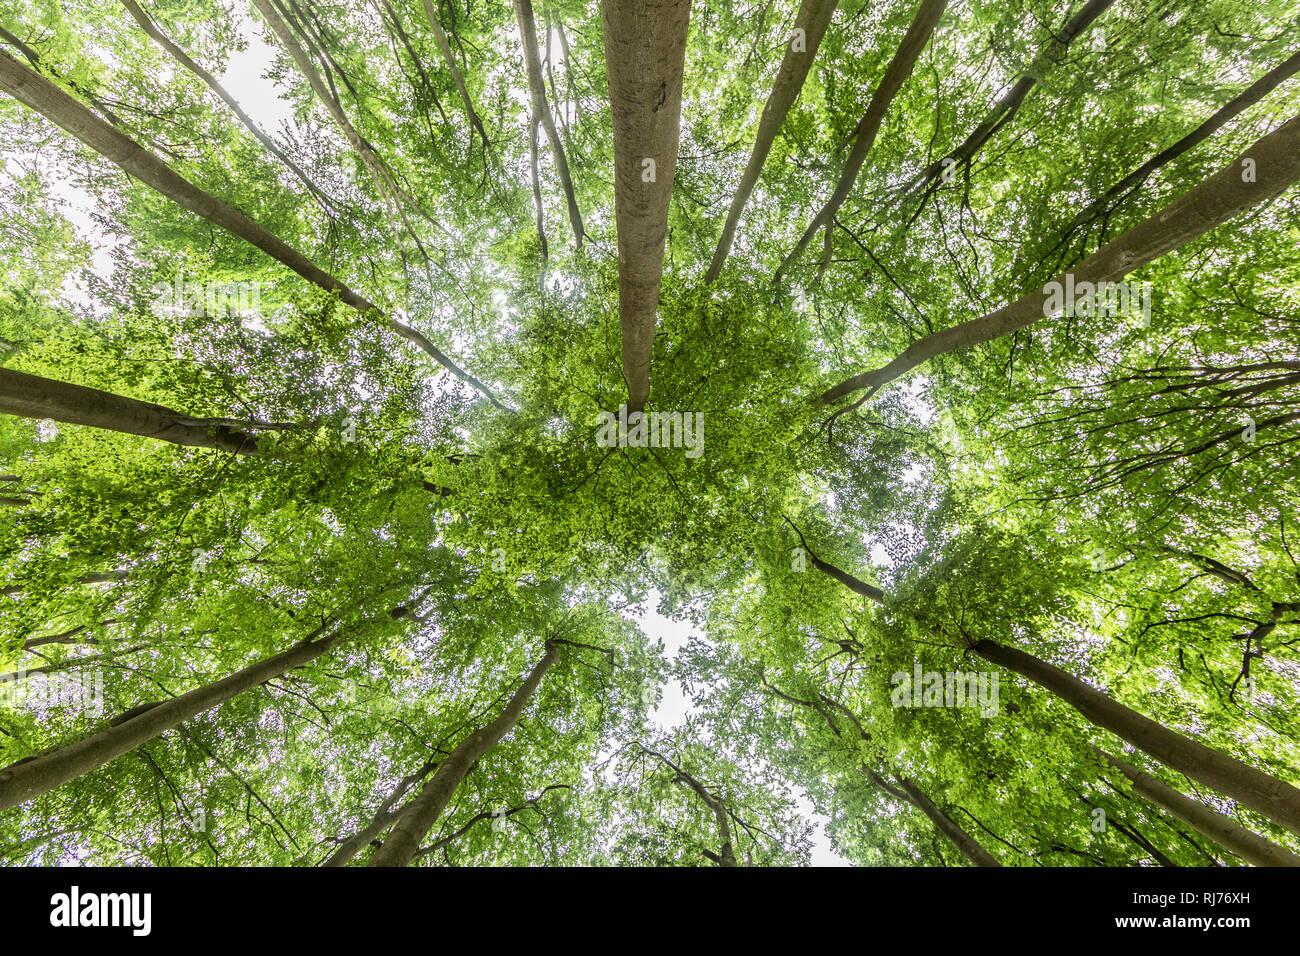 Buchenwald, Blick in das Blätterdach - Stock Image